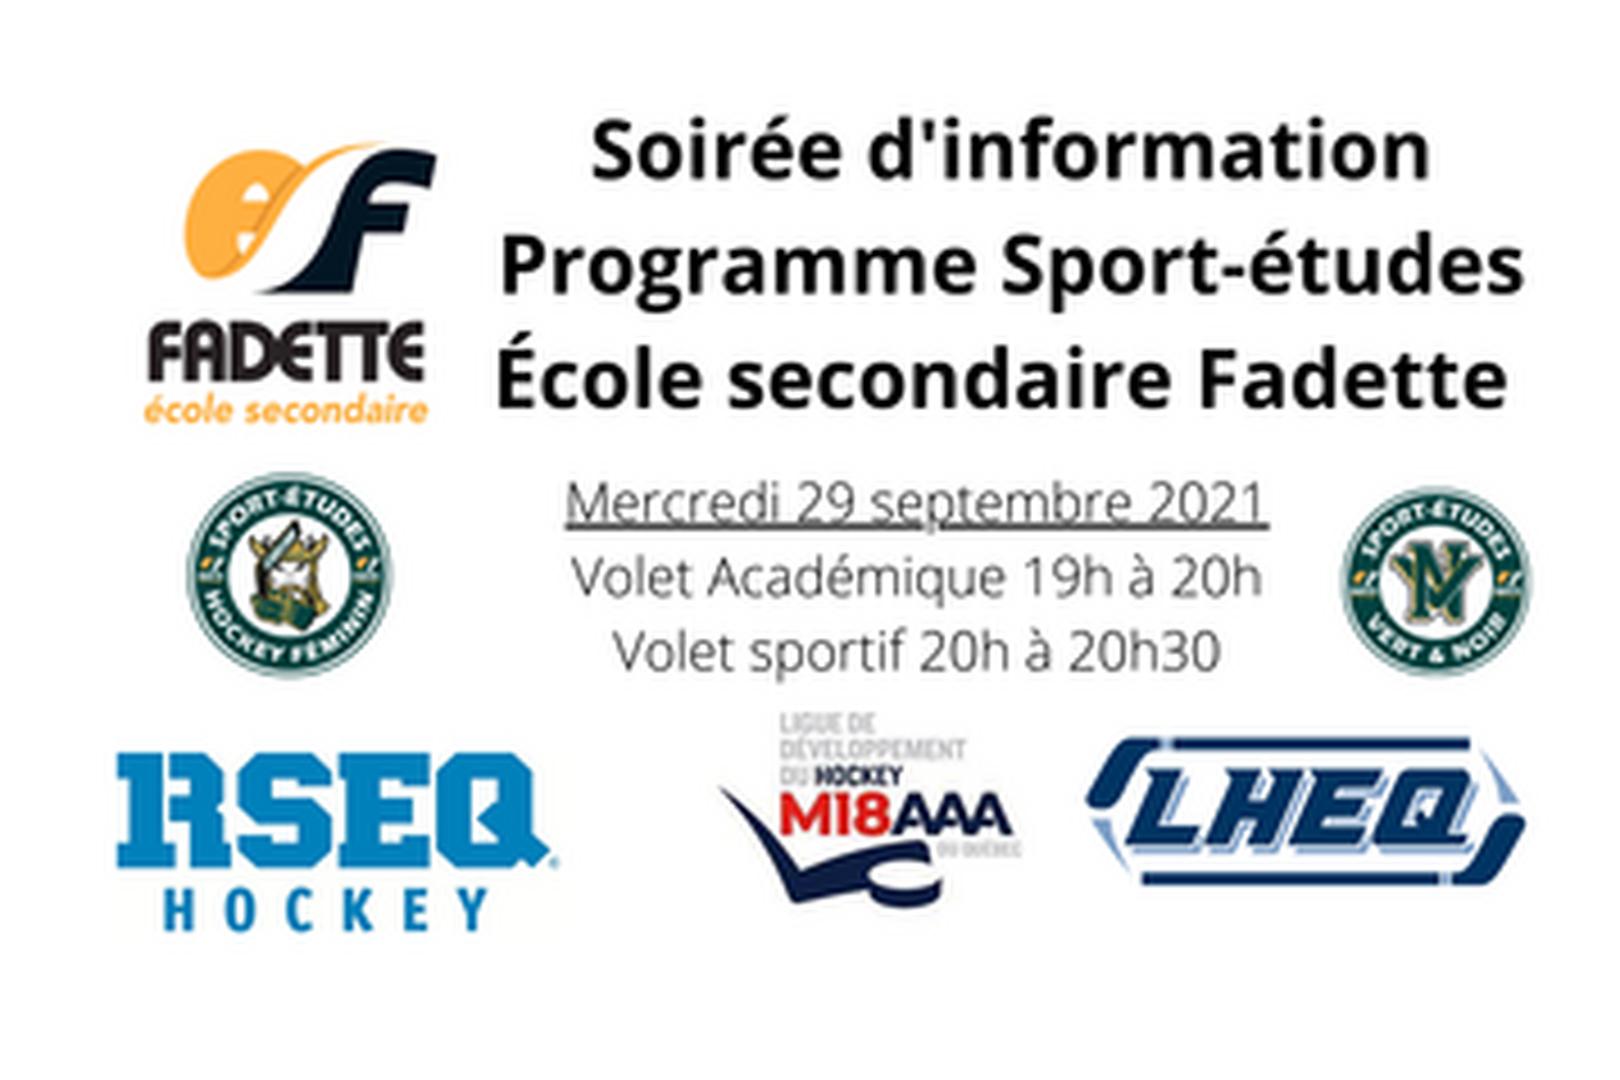 Soirée d'information - Sport-études de l'école secondaire Fadette